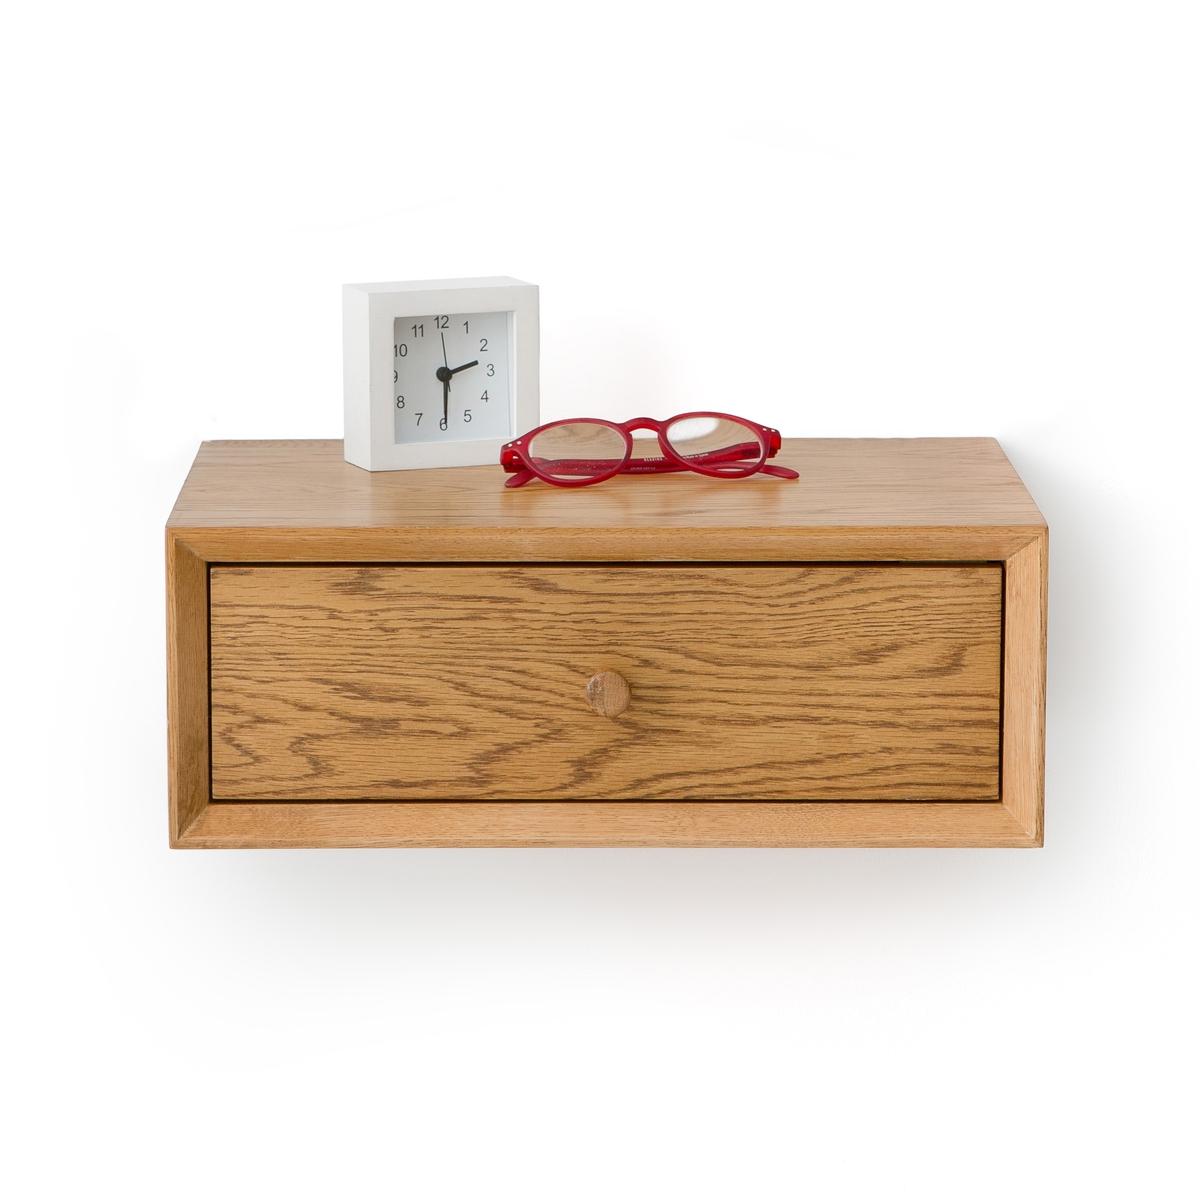 Тумбочка La Redoute Прикроватная настенная с одним ящиком QUILDA единый размер каштановый